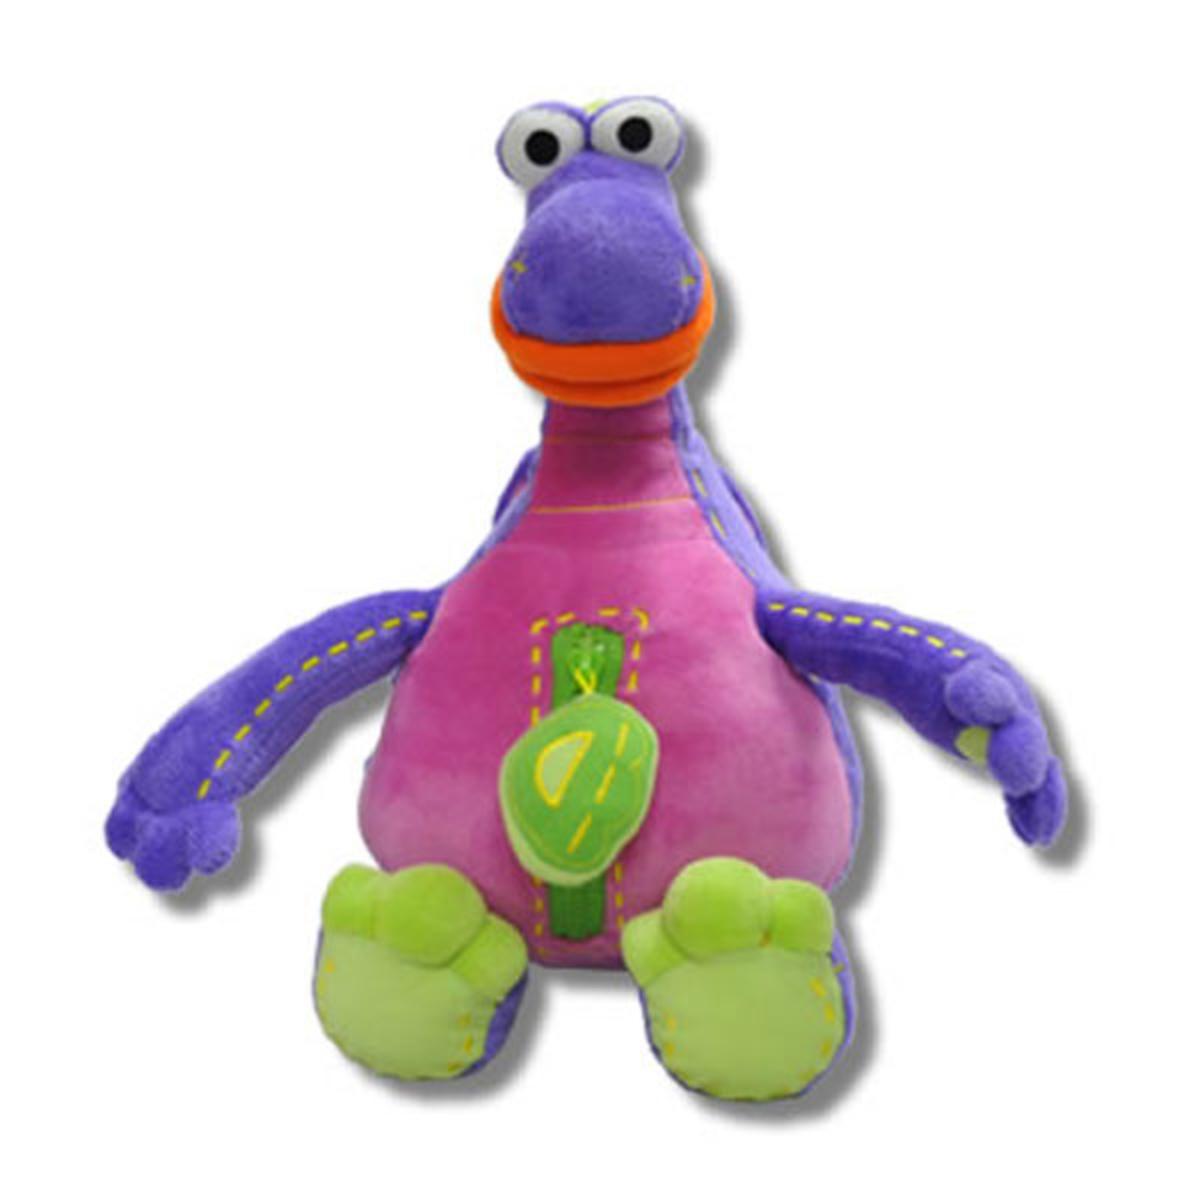 Dibo the gift dragon plush toy 13 e1n0200101050000 go shop dibo the gift dragon plush toy 13 e1n0200101050000 negle Choice Image